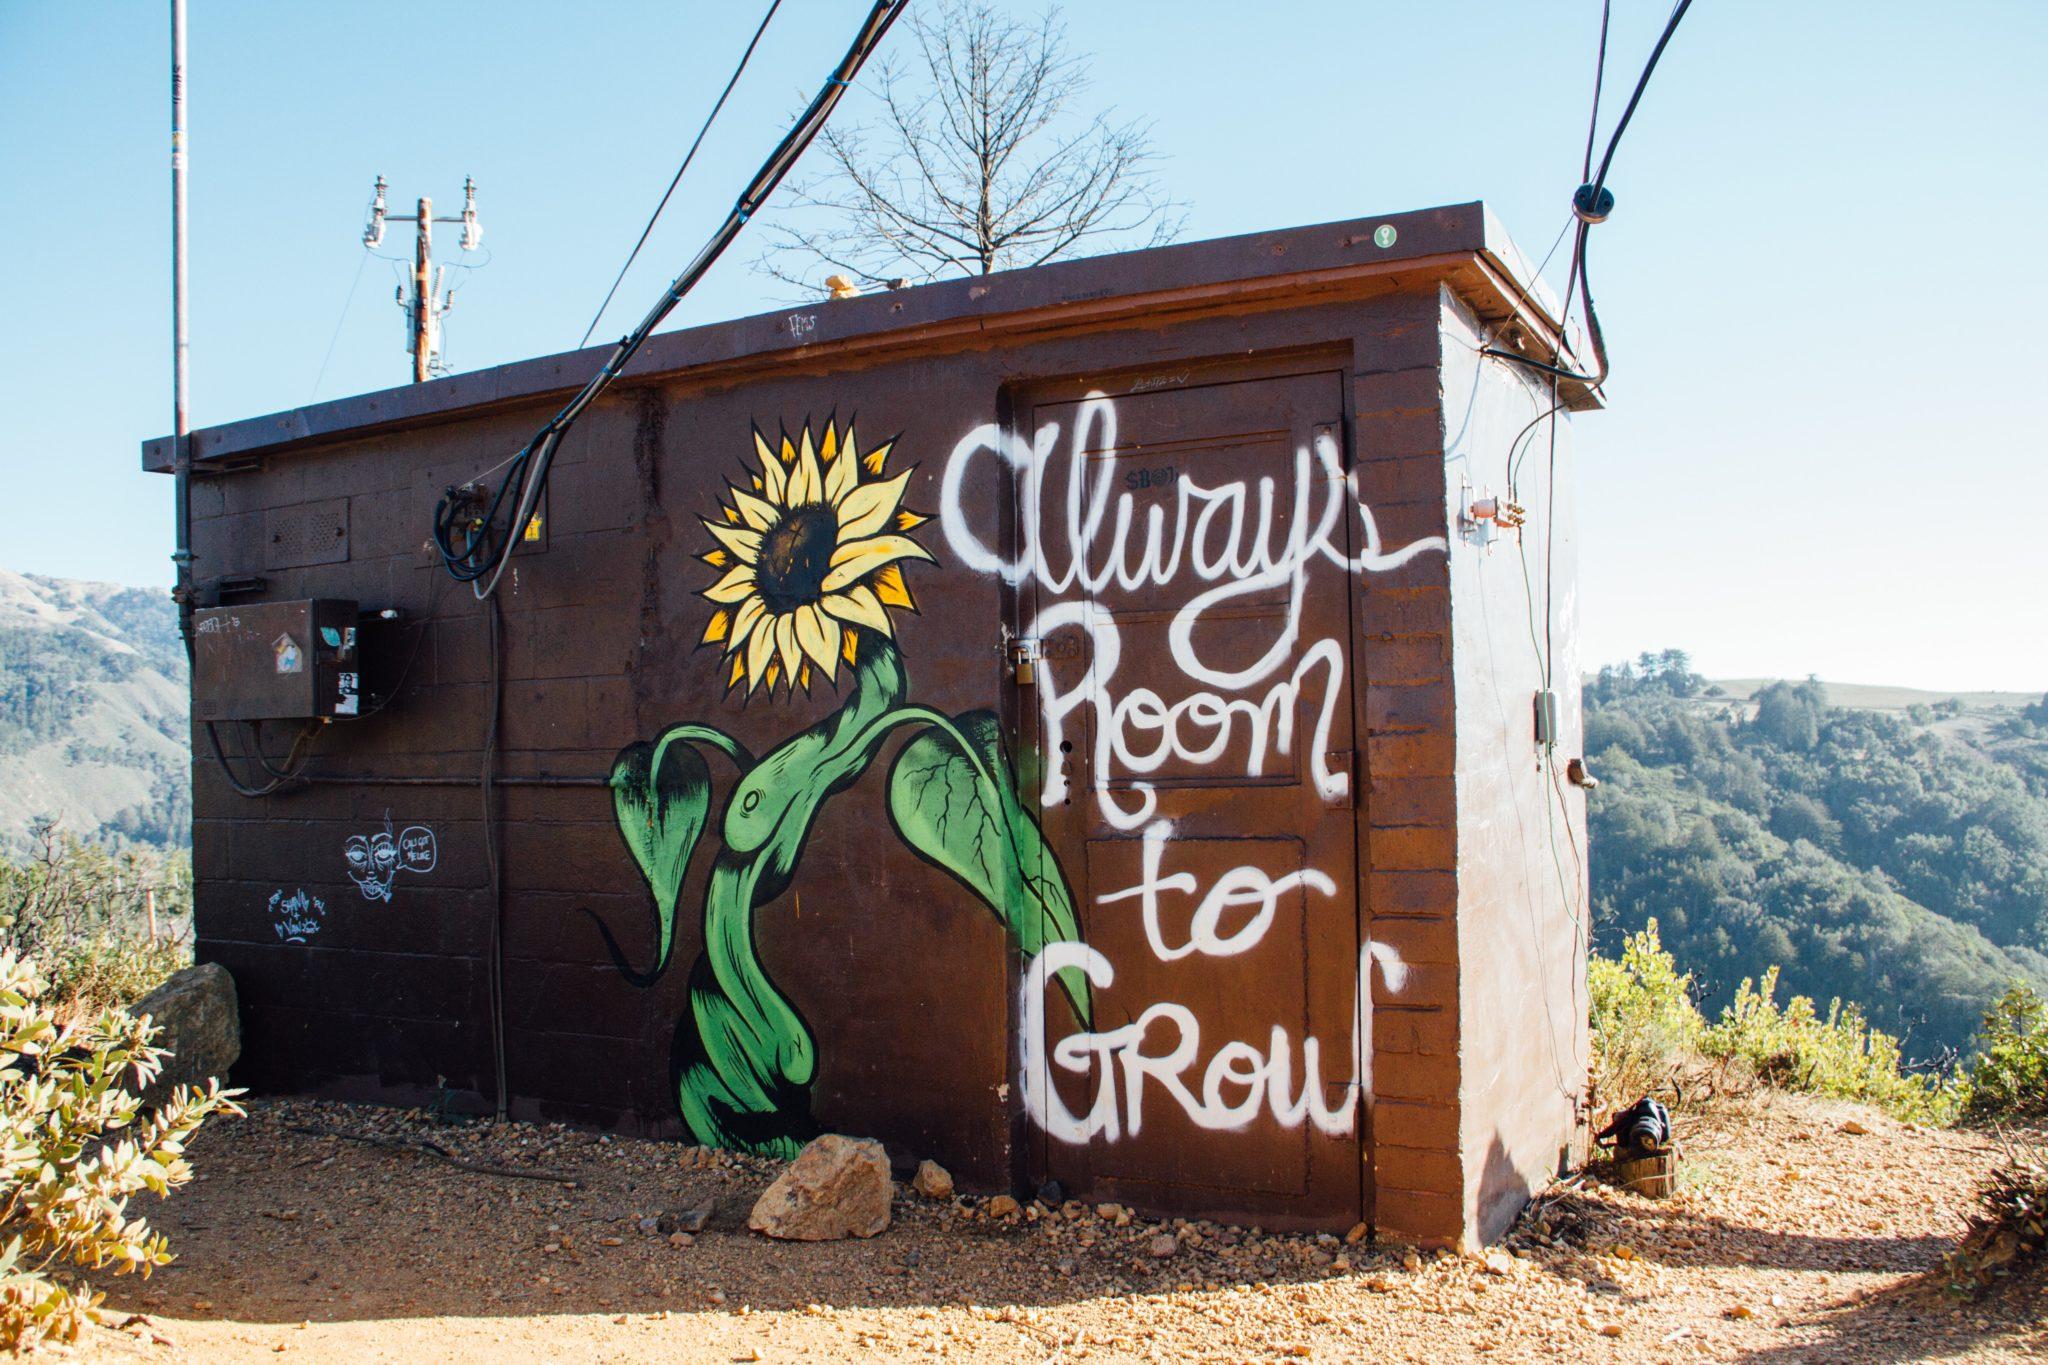 Braune Holzhütte mit dem Graffiti einer Sonnenblume drauf und neben dran der Text in weißer Farbe: always room to grow